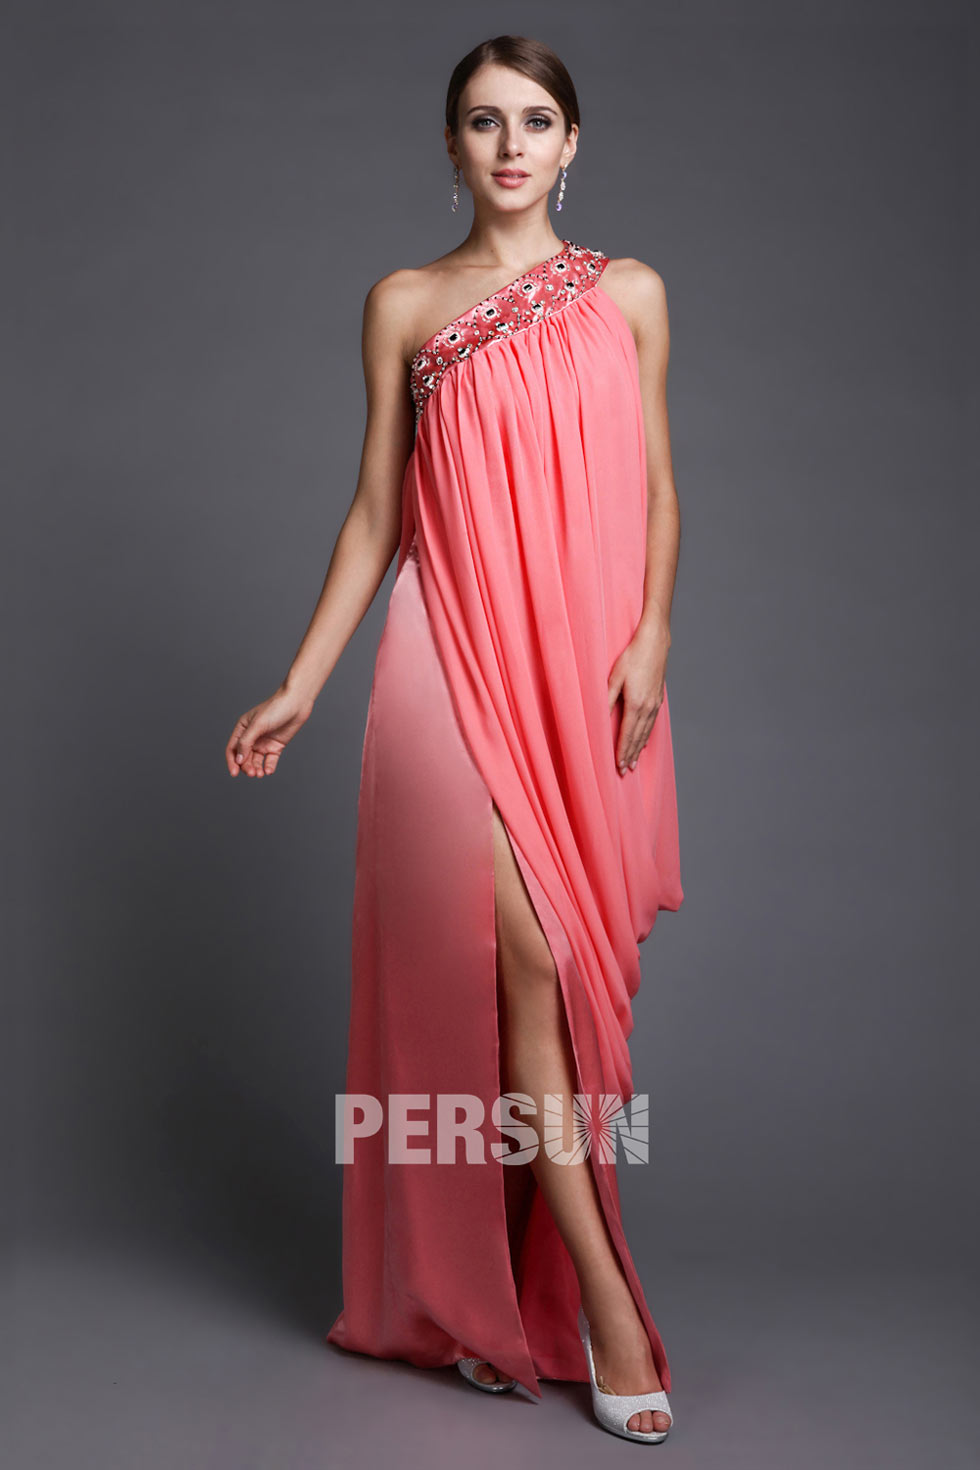 ac6eafecd01 Robe de soirée rose épaule asymétrique avec fente latérale drapé ...